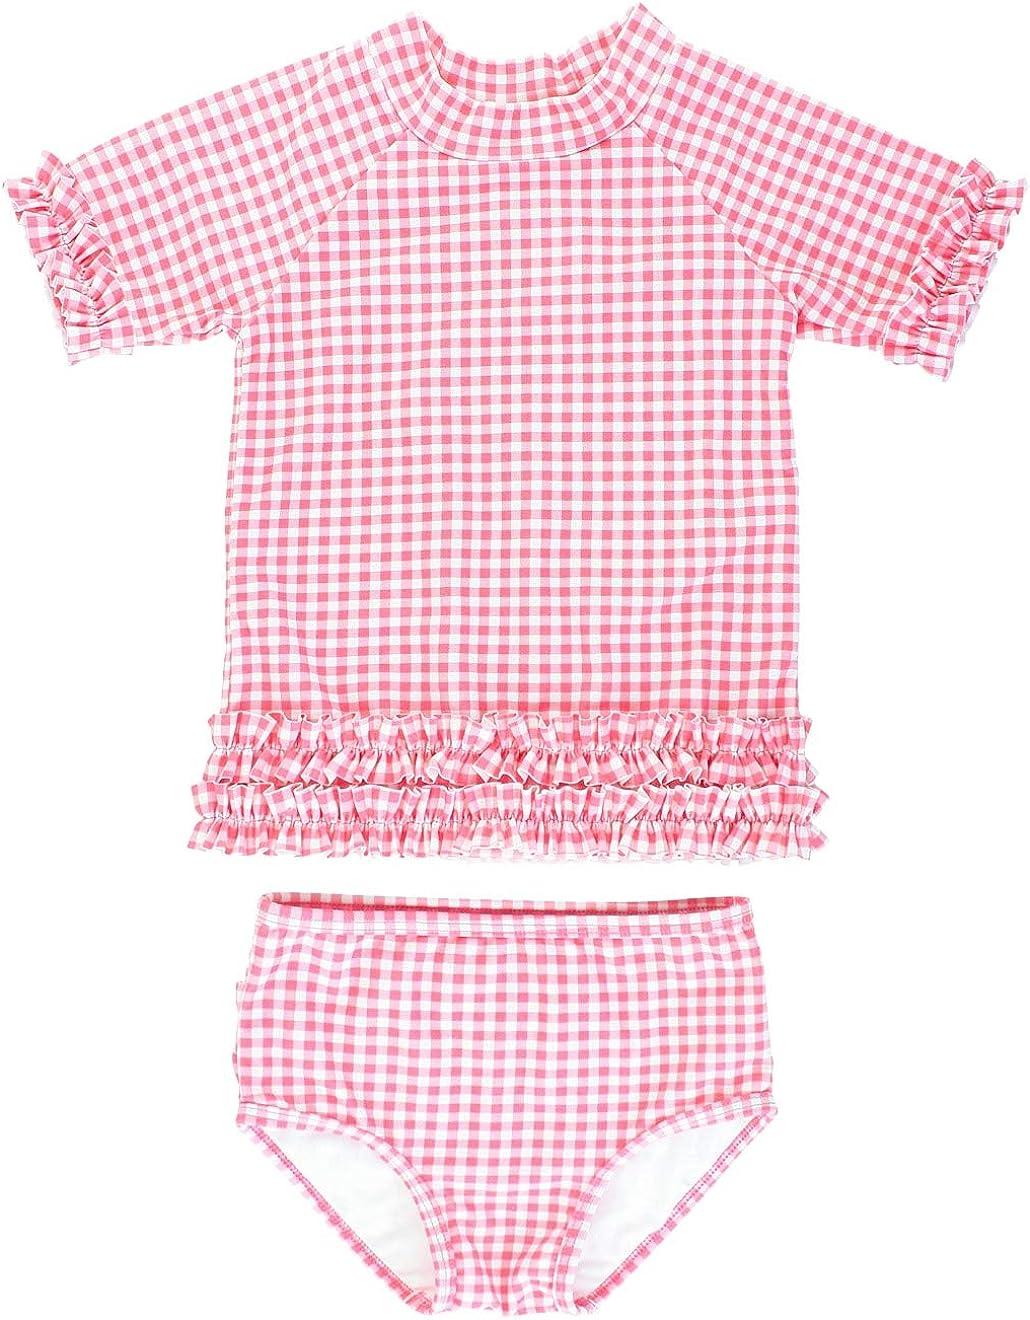 Polka Dot Bikini with UPF 50 Sun Protection RuffleButts Girls Rash Guard Short Sleeve 2-Piece Swimsuit Set